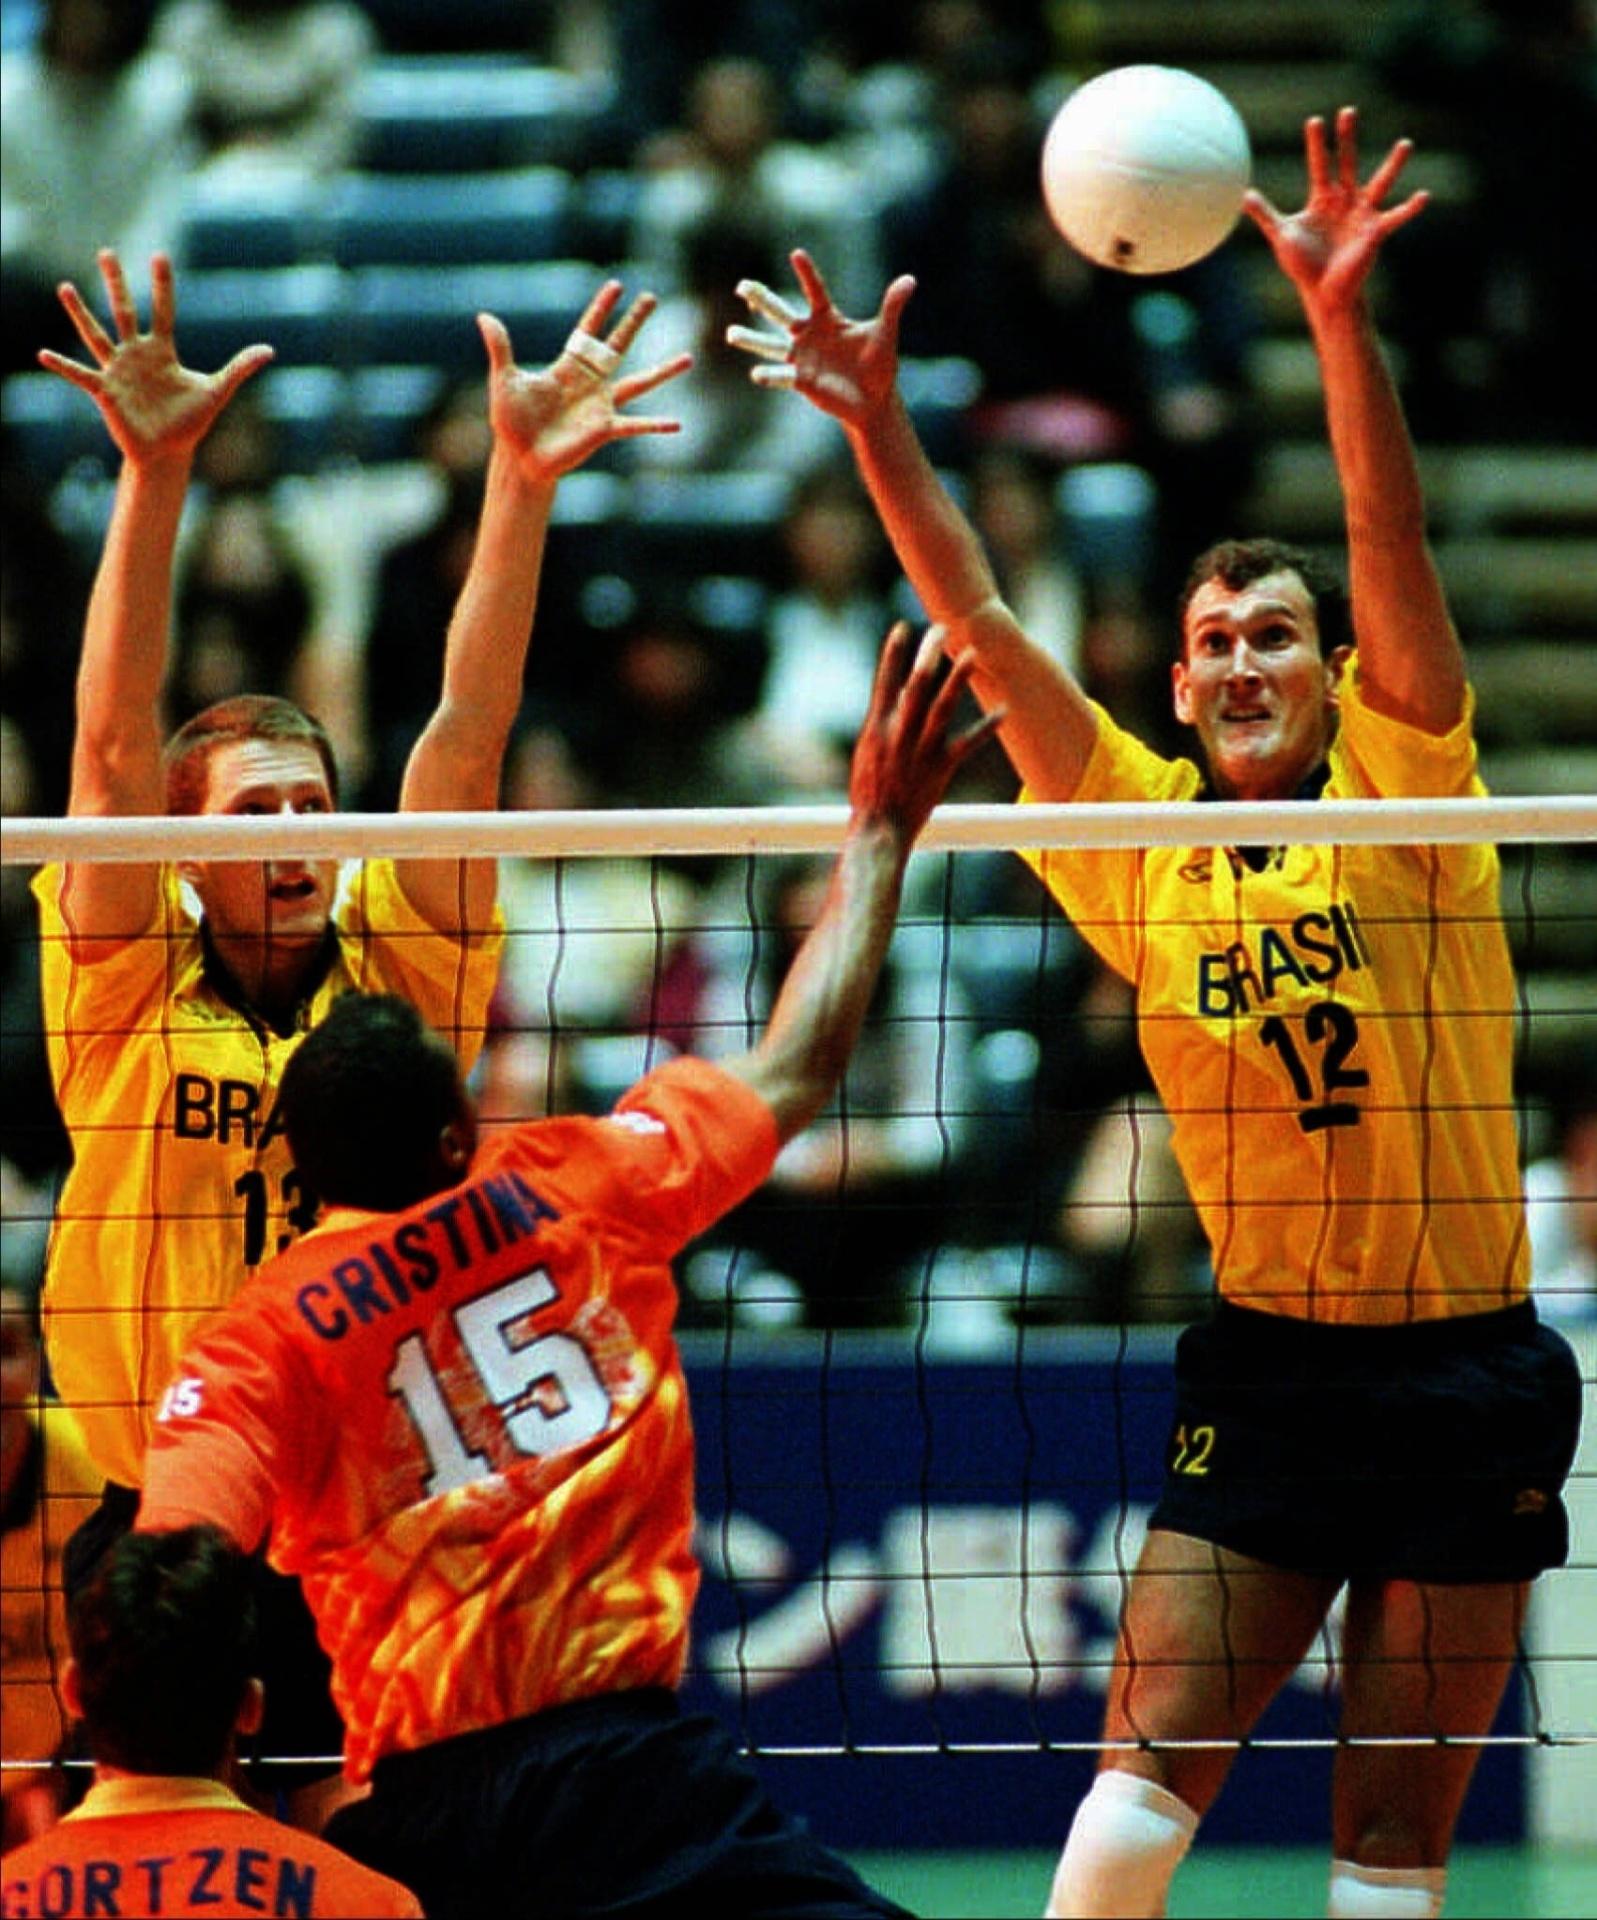 Gustavo e Nalbert (dir.) bloqueiam o atacante Albert Cristina, da Holanda, na vitória brasileira por 3x2, em novembro de 1997, ano de sua estreia na seleção.